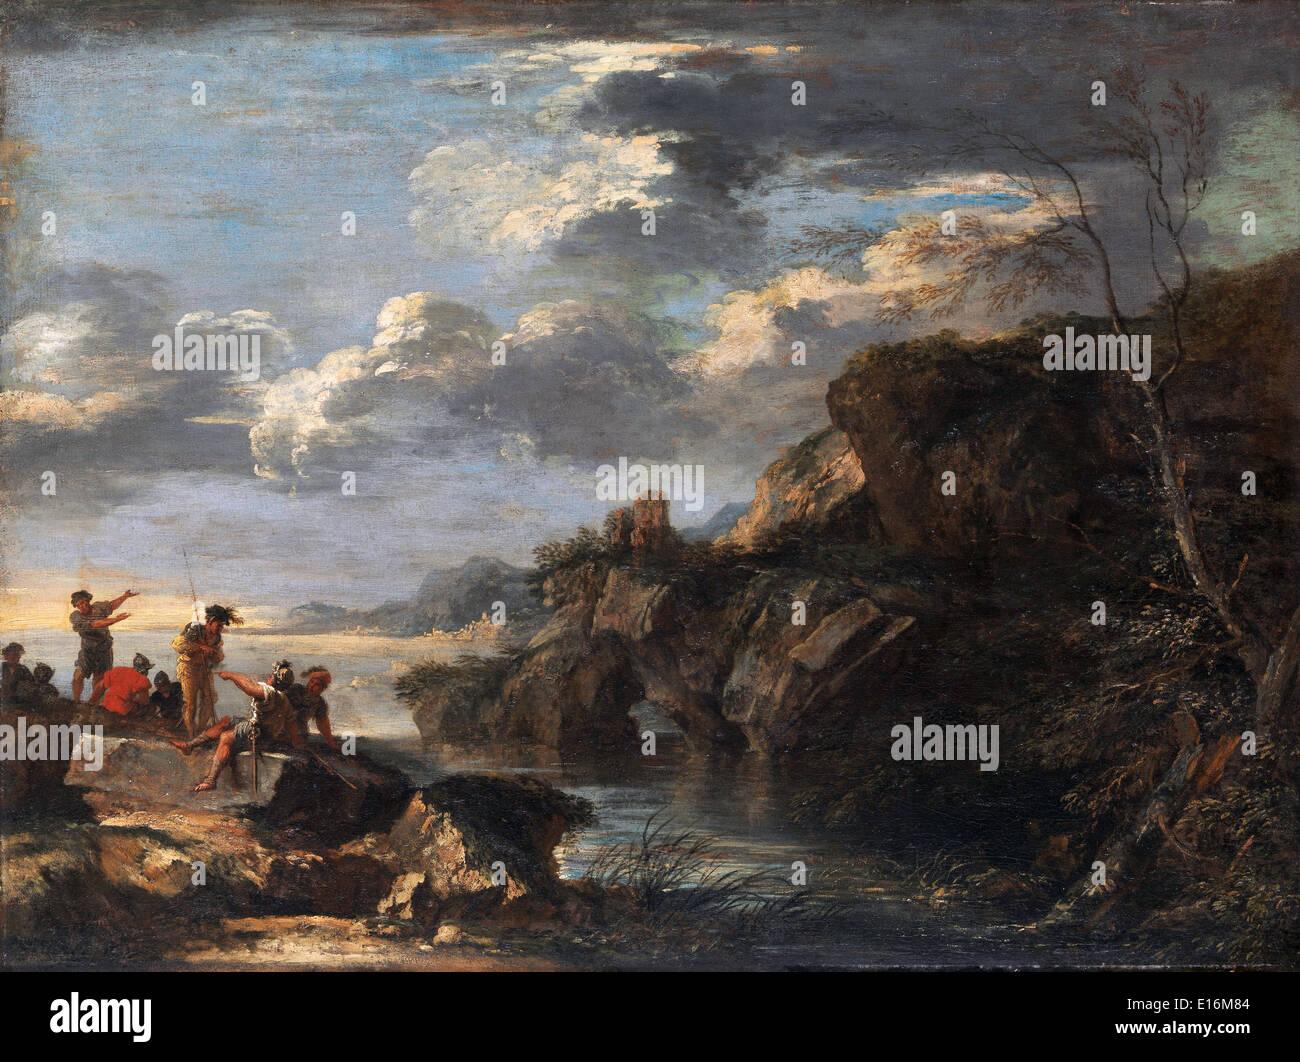 Banditi sulla costa rocciosa di Salvator Rosa, 1660 Immagini Stock